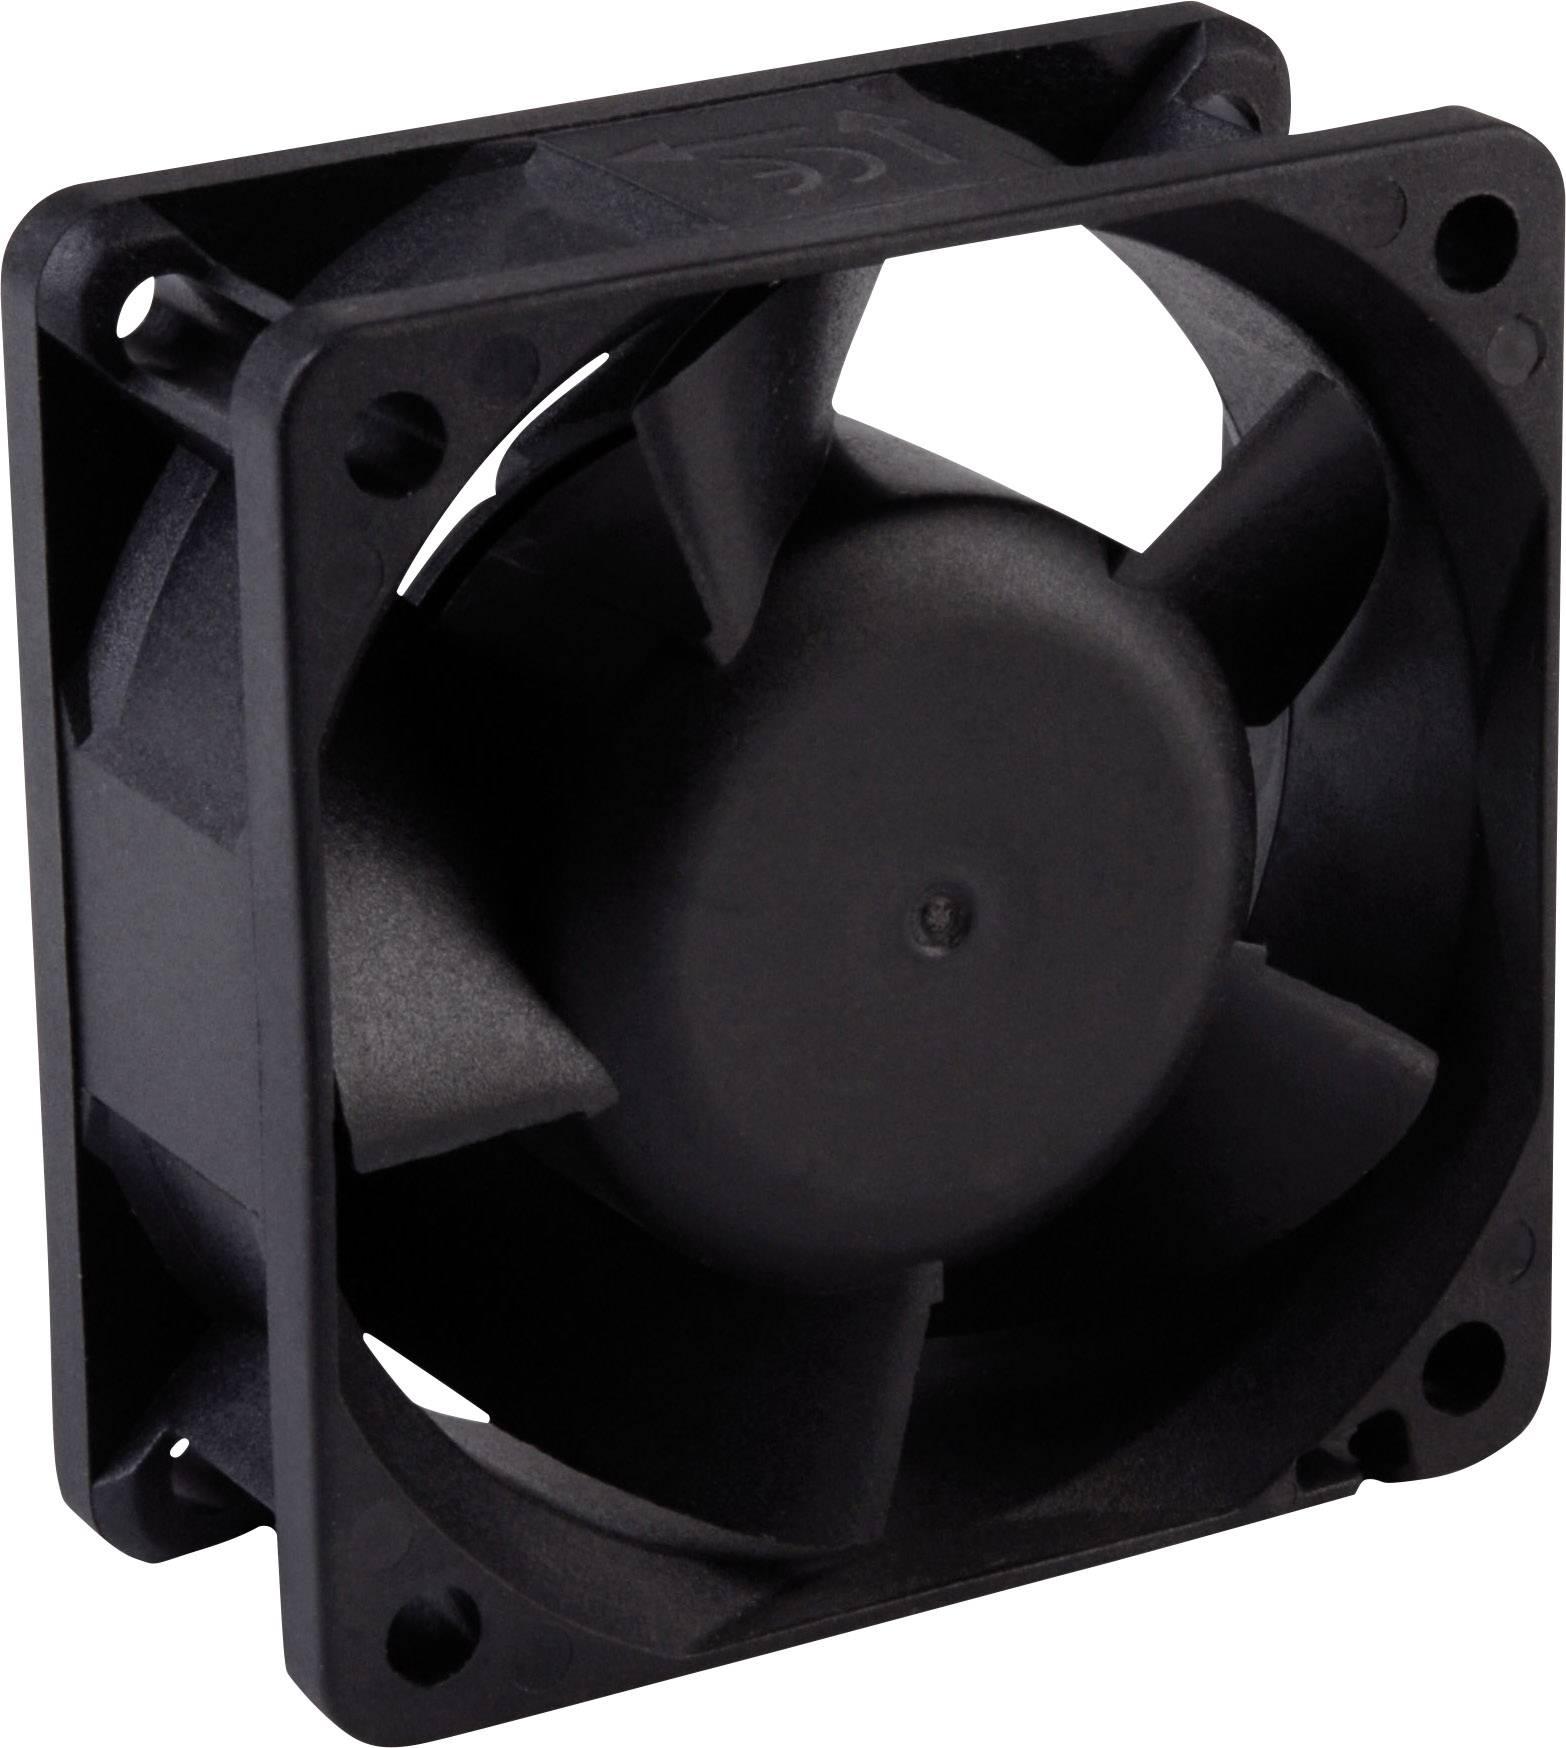 Axiálny ventilátor 12 V 60 x